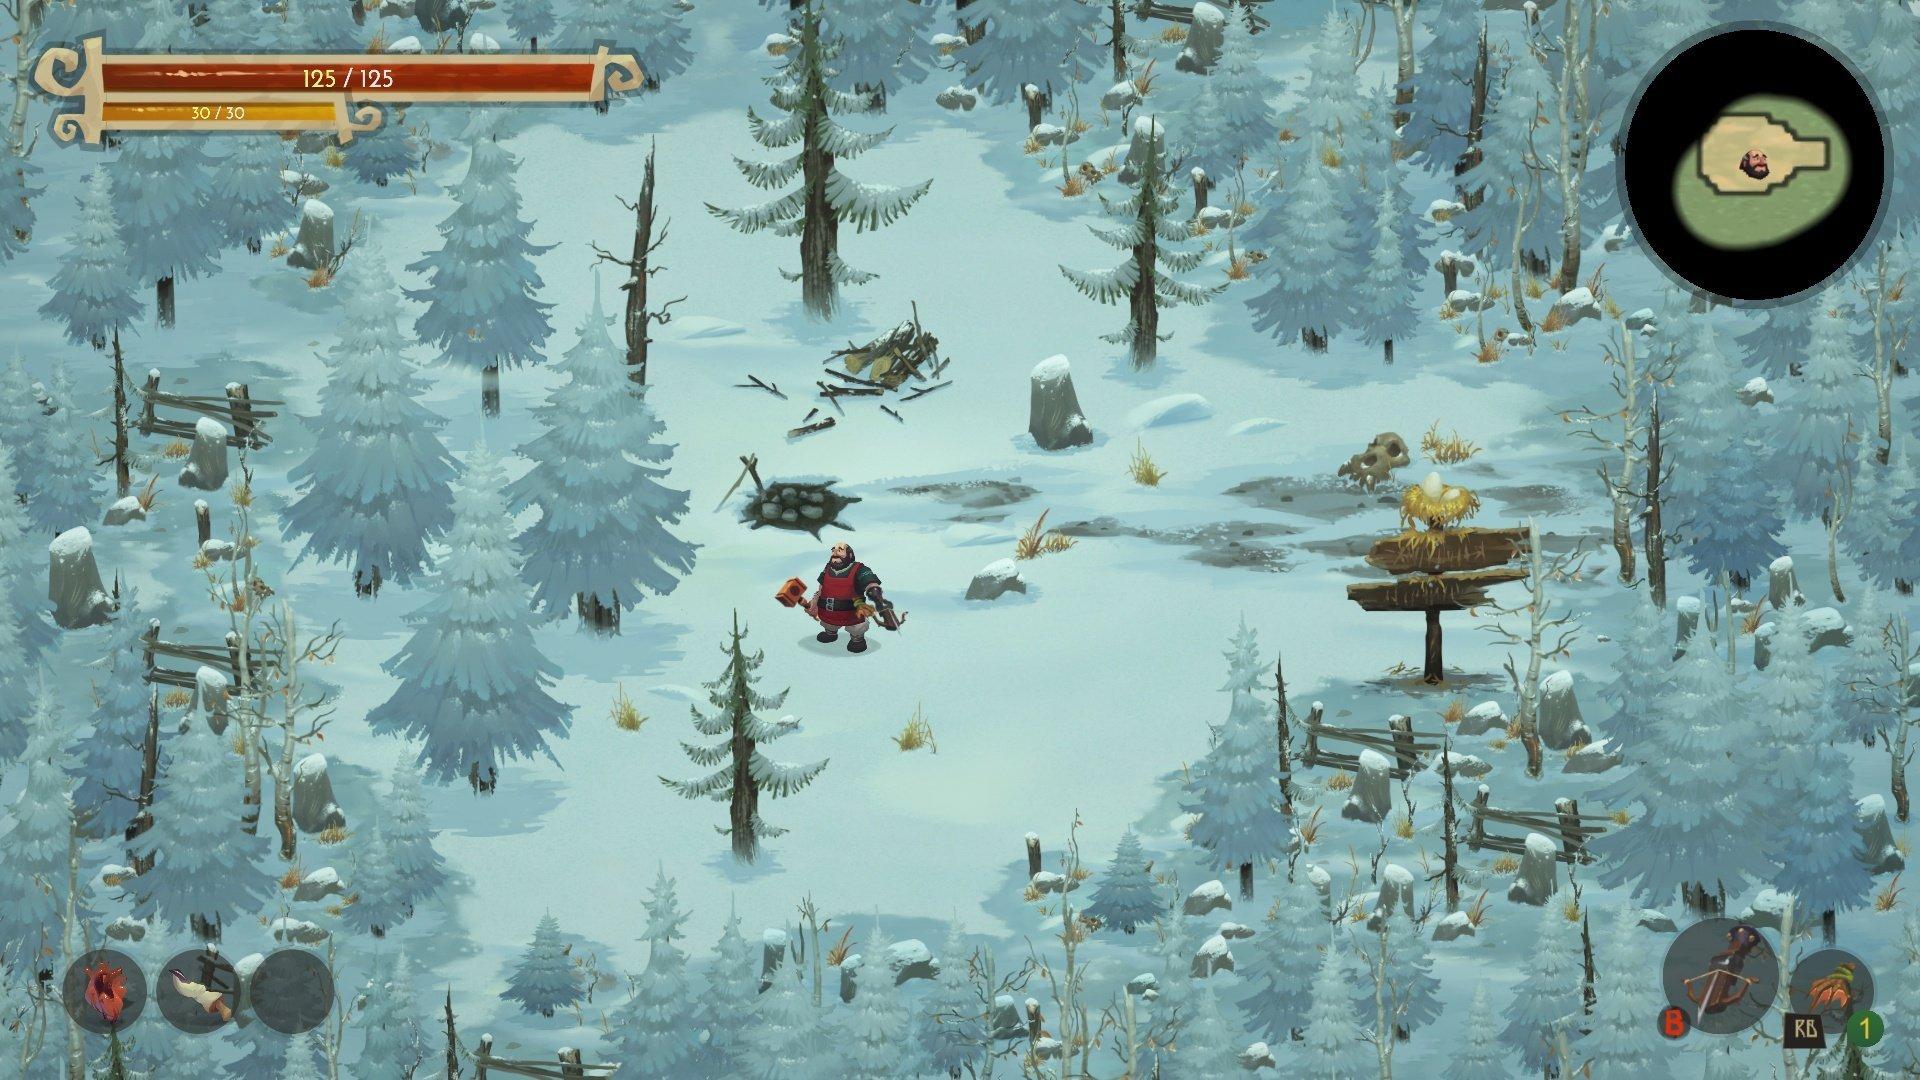 Скриншот к игре Yaga v.1.2.35 [GOG] (2019) скачать торрент Лицензия